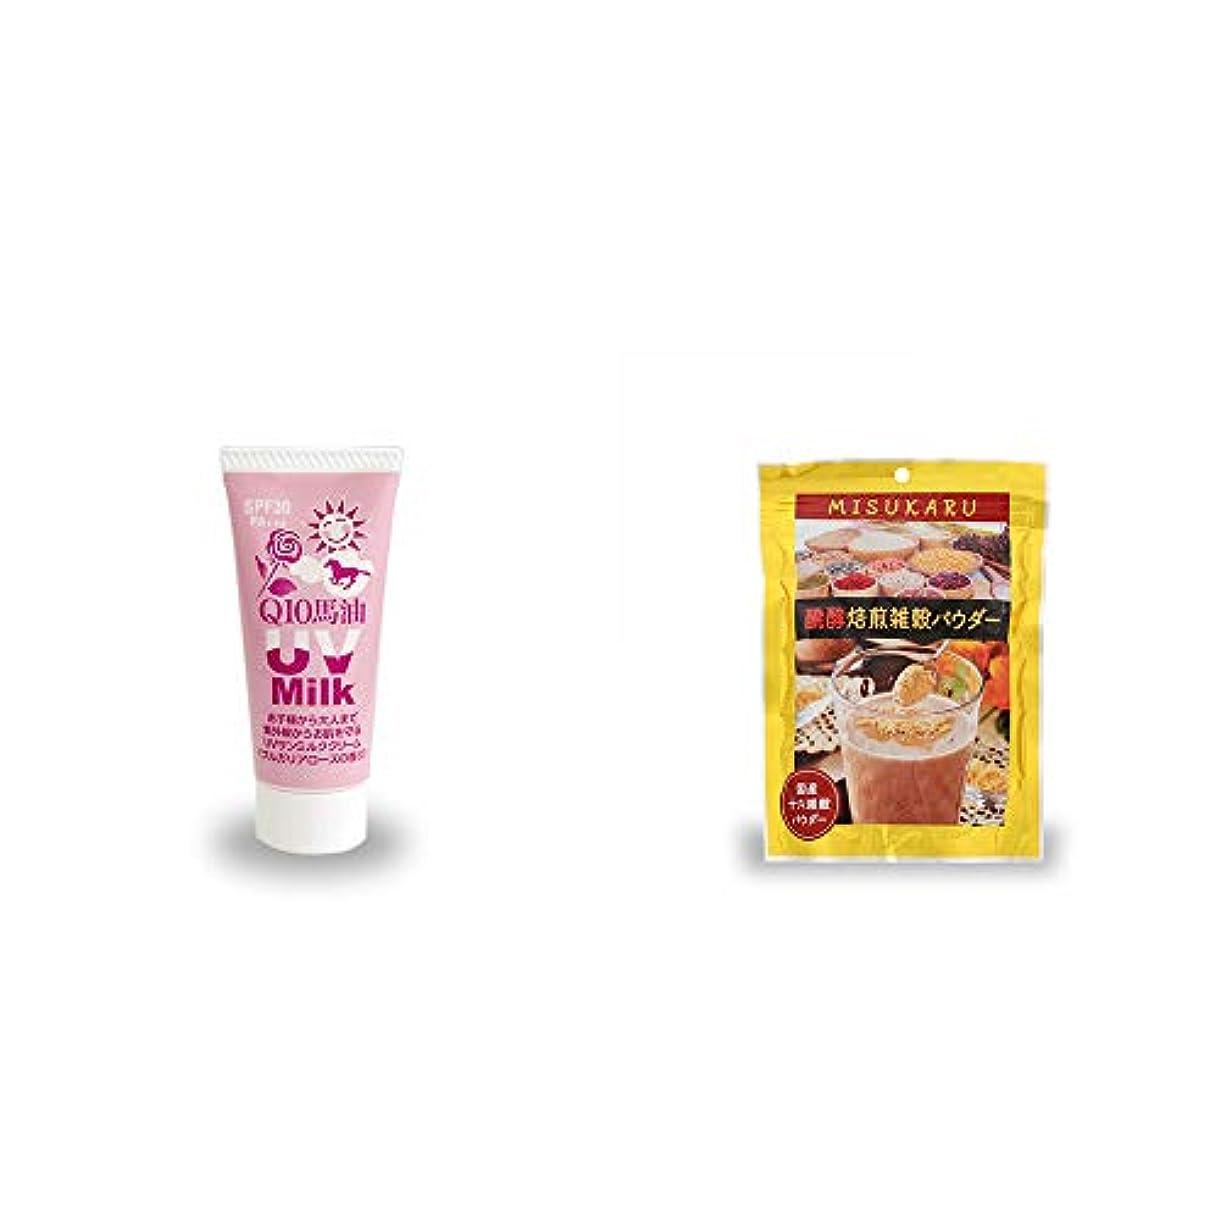 自己青旅客[2点セット] 炭黒泉 Q10馬油 UVサンミルク[ブルガリアローズ](40g)?醗酵焙煎雑穀パウダー MISUKARU(ミスカル)(200g)